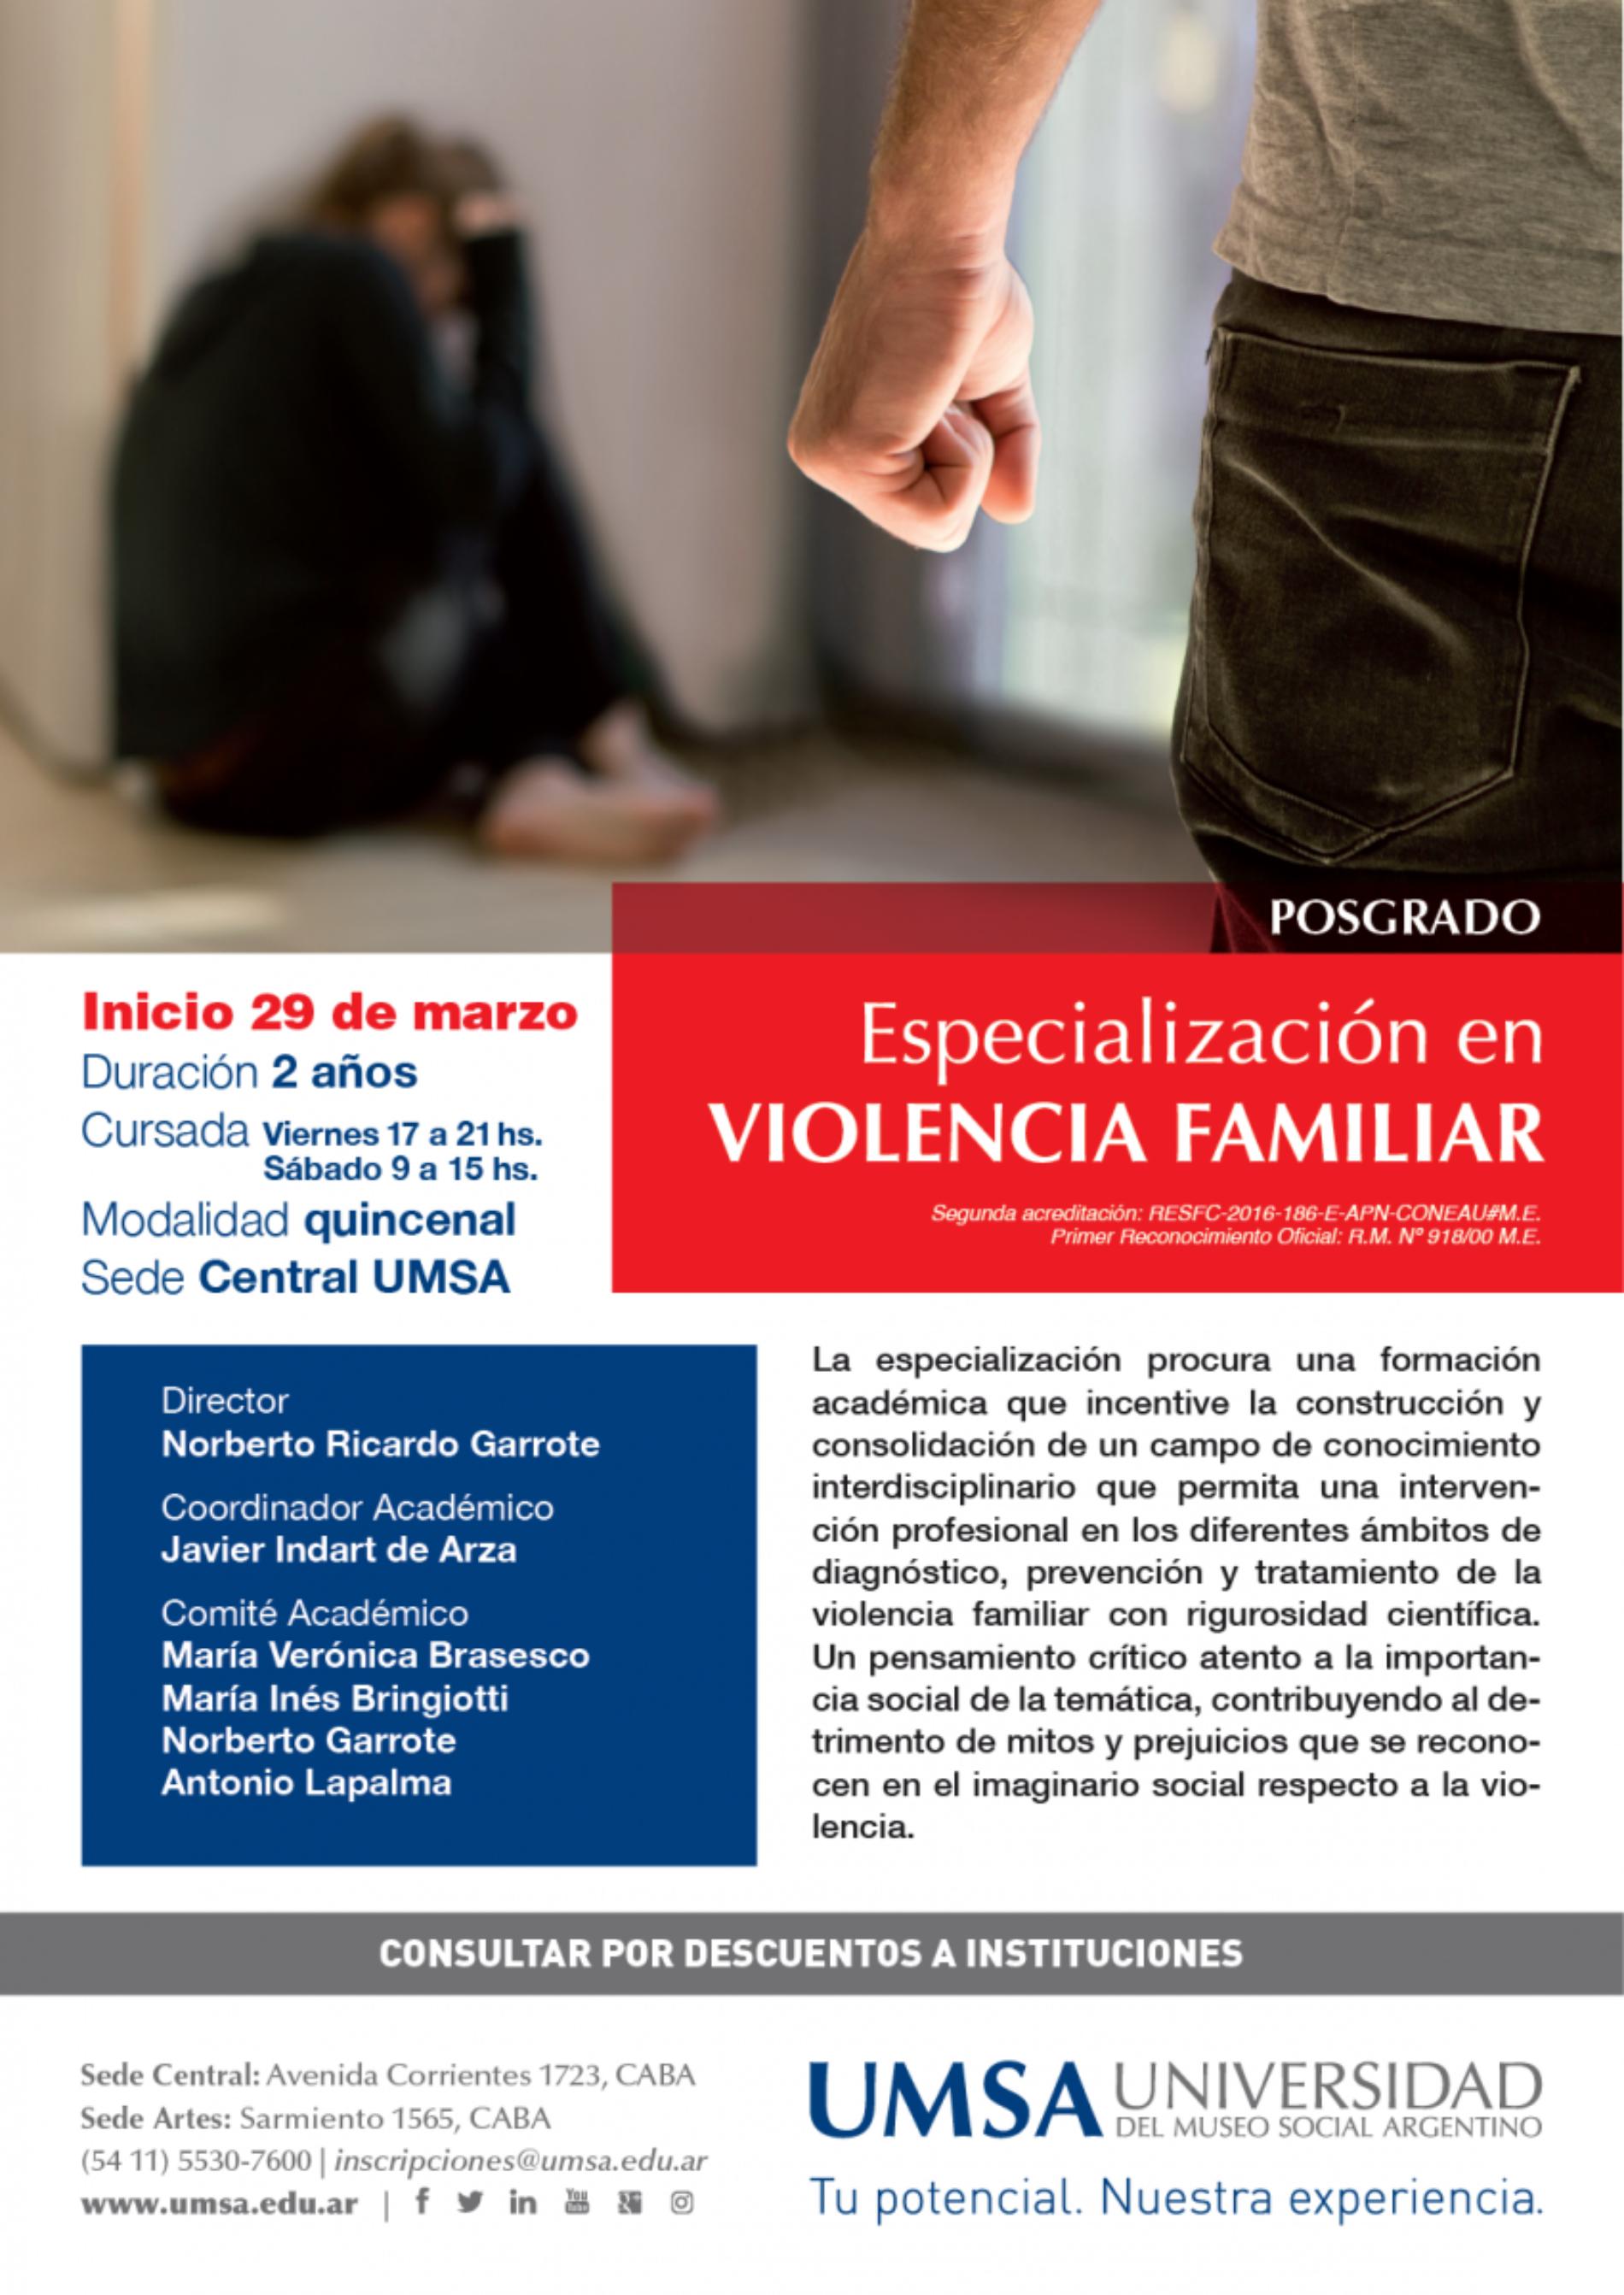 Especialización en VIOLENCIA FAMILIAR – Inicio 29 de marzo – UMSA